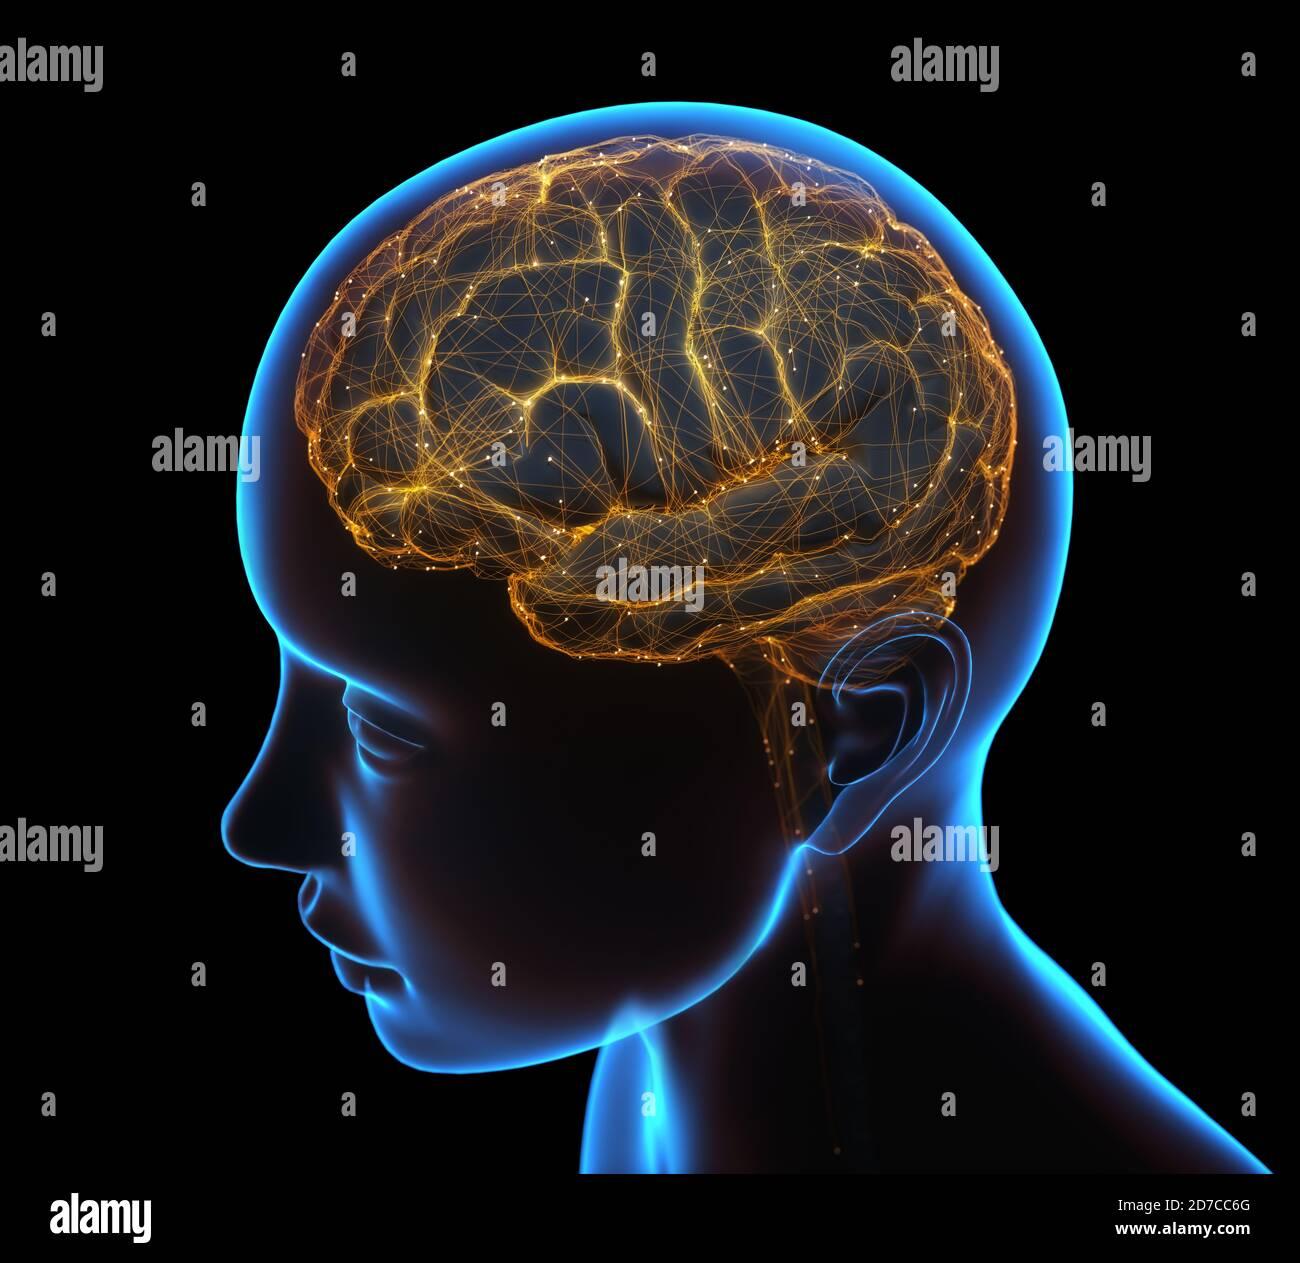 Rayos X de la cabeza y el cerebro humano en concepto de conexiones neuronales y pulsos eléctricos. Foto de stock